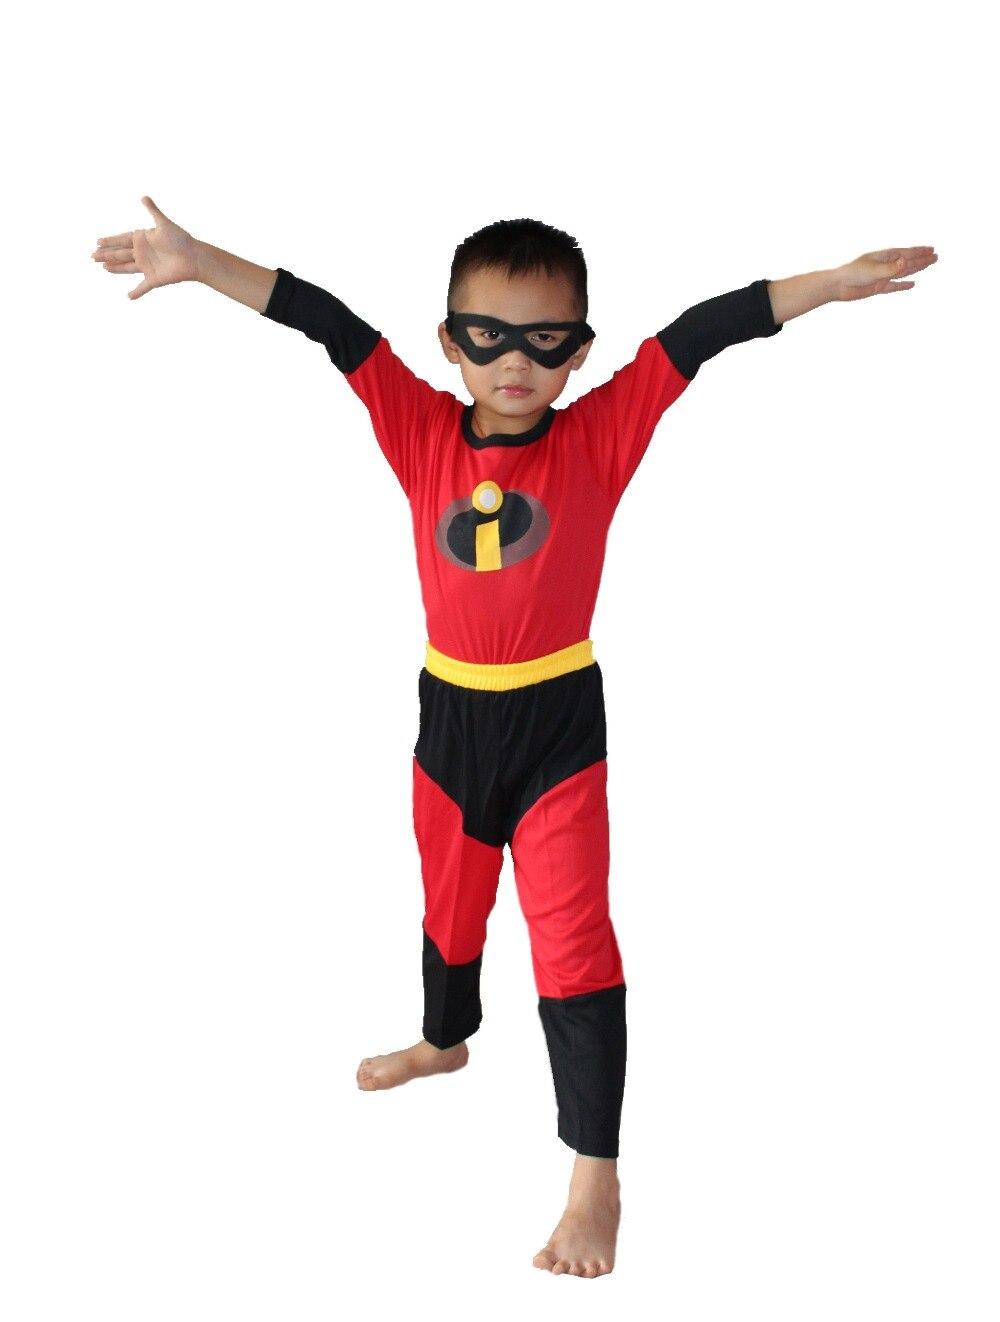 Détail Halloween fête costumes garçon Indestructibles jeu de rôle Les Indestructibles vêtements Cosplay, enfants fantôme taille: S-XXL